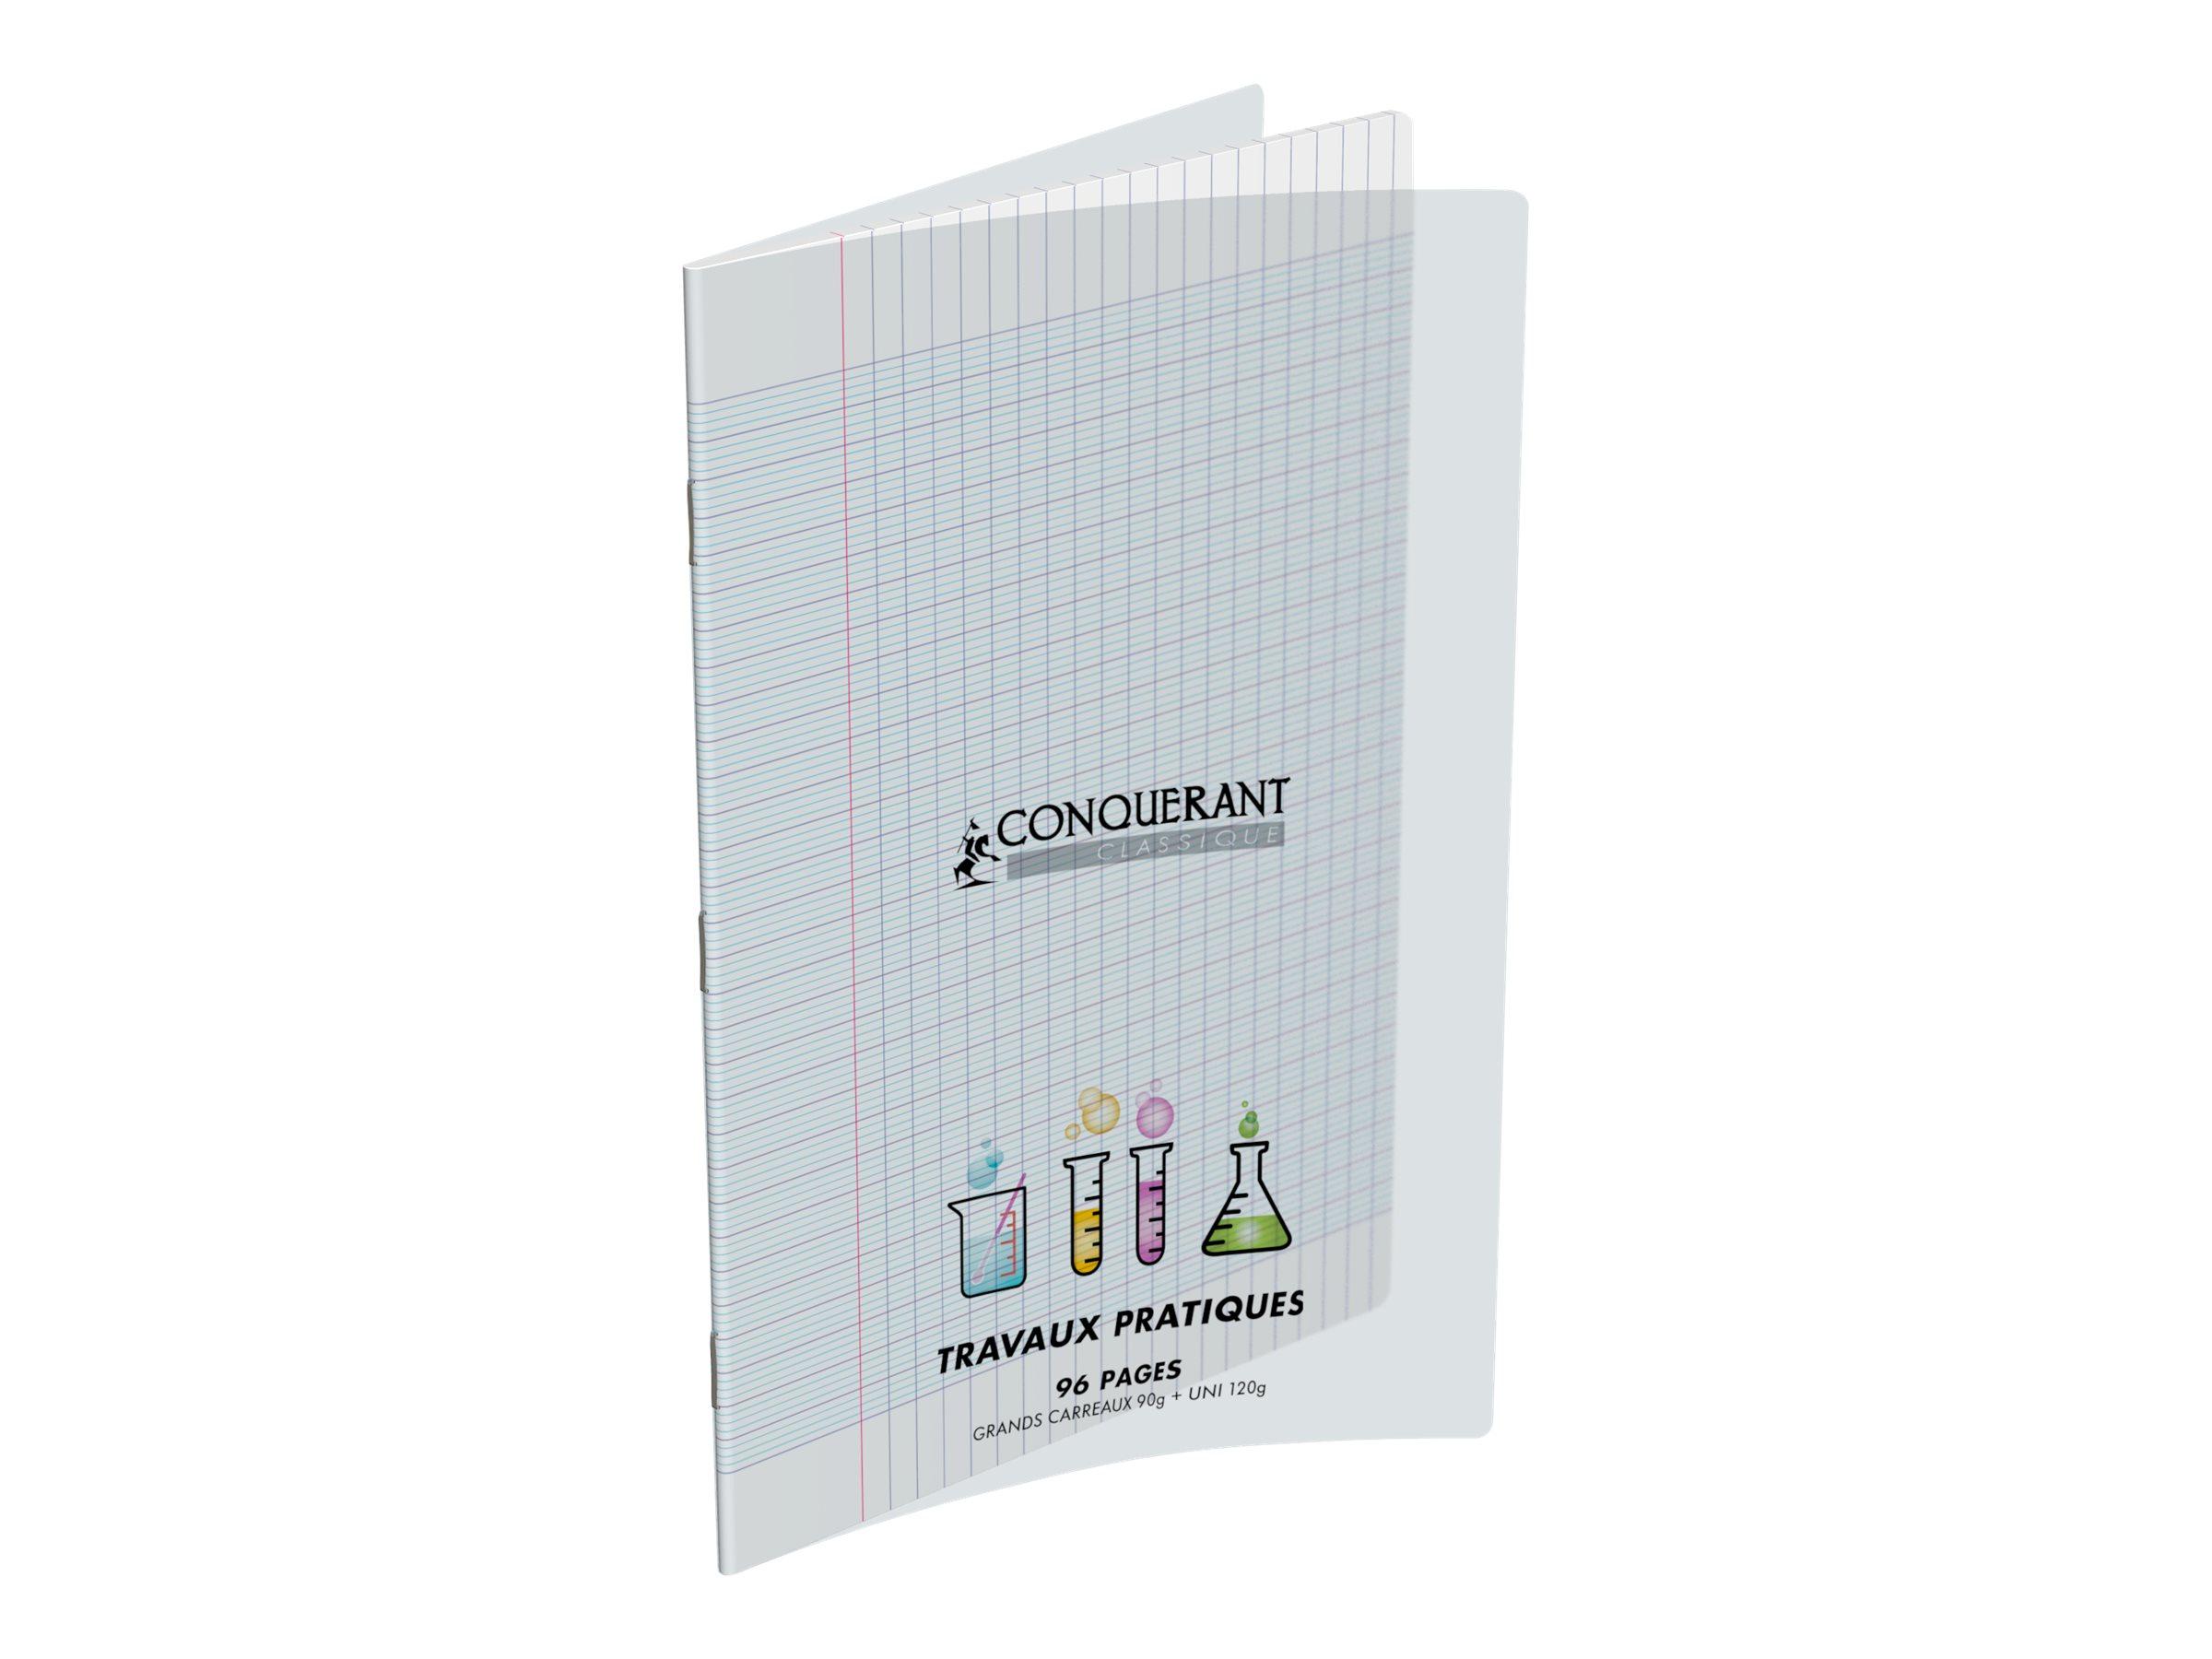 Conquérant Classique - Cahier polypro de travaux pratiques (TP) - A4 (21x29,7 cm) - 96 pages - grands carreaux (Seyes)/uni - transparent